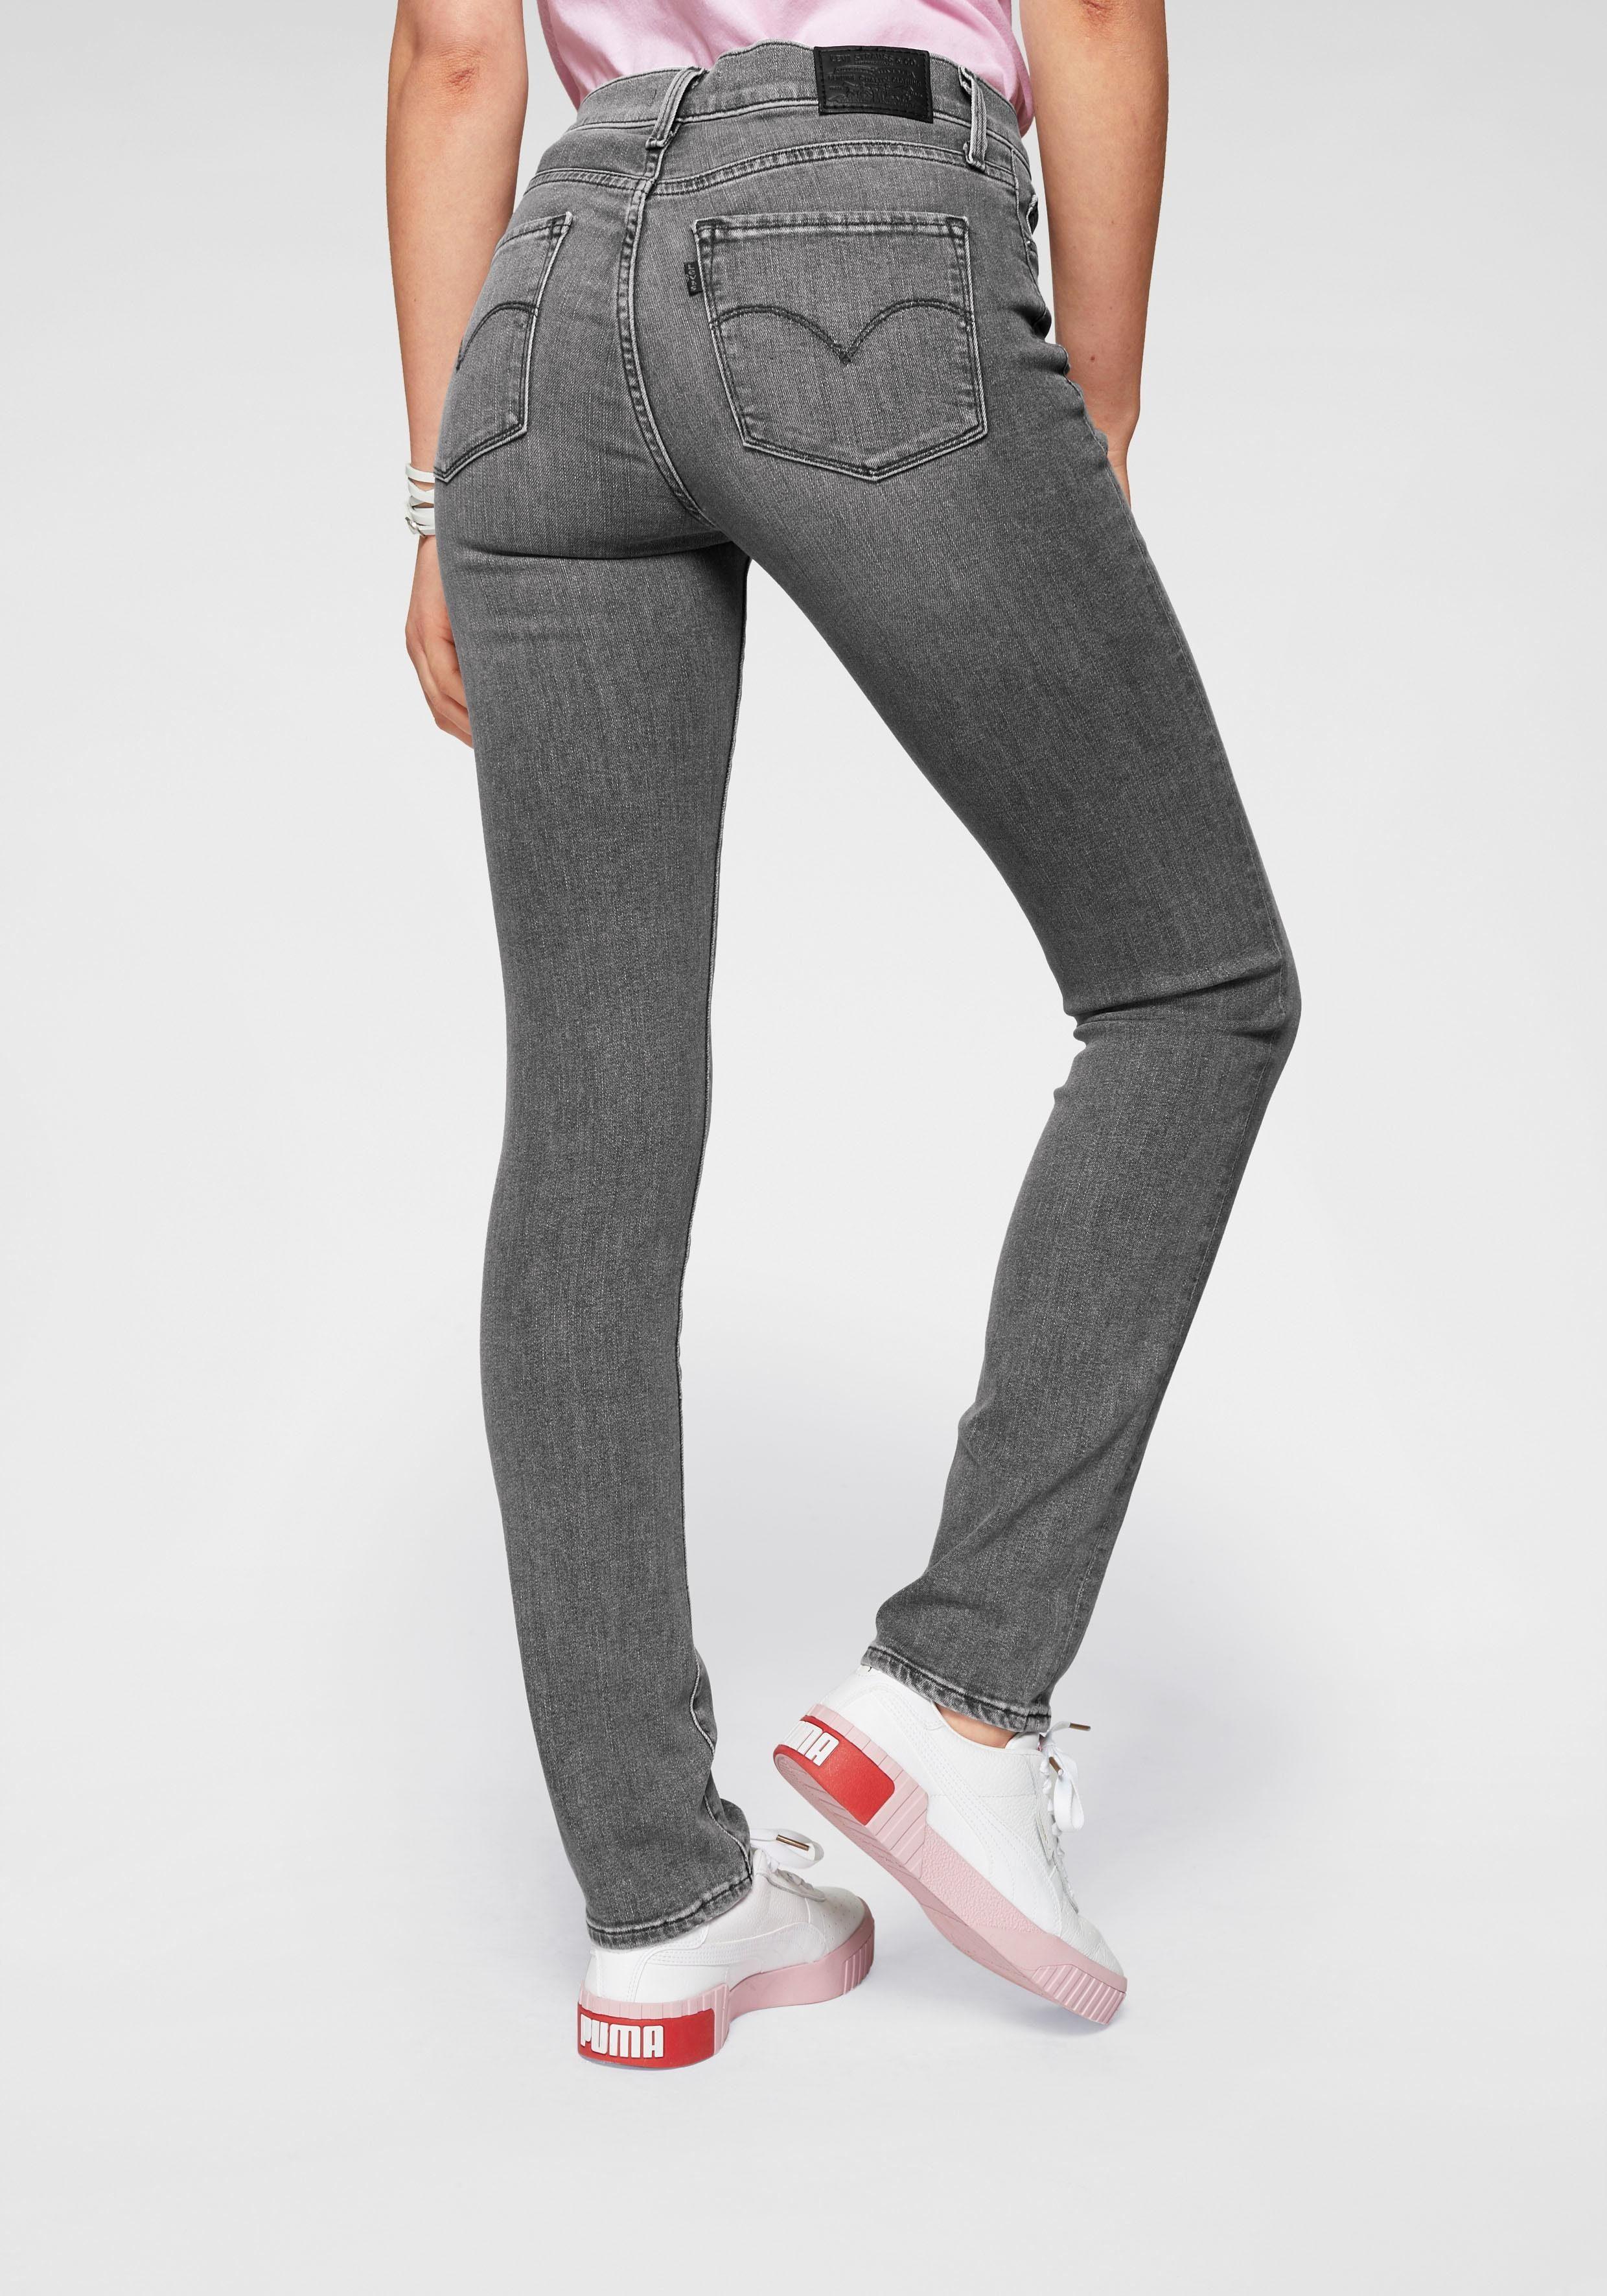 Grijze Dames Straight Fit Jeans van Cecil online kopen